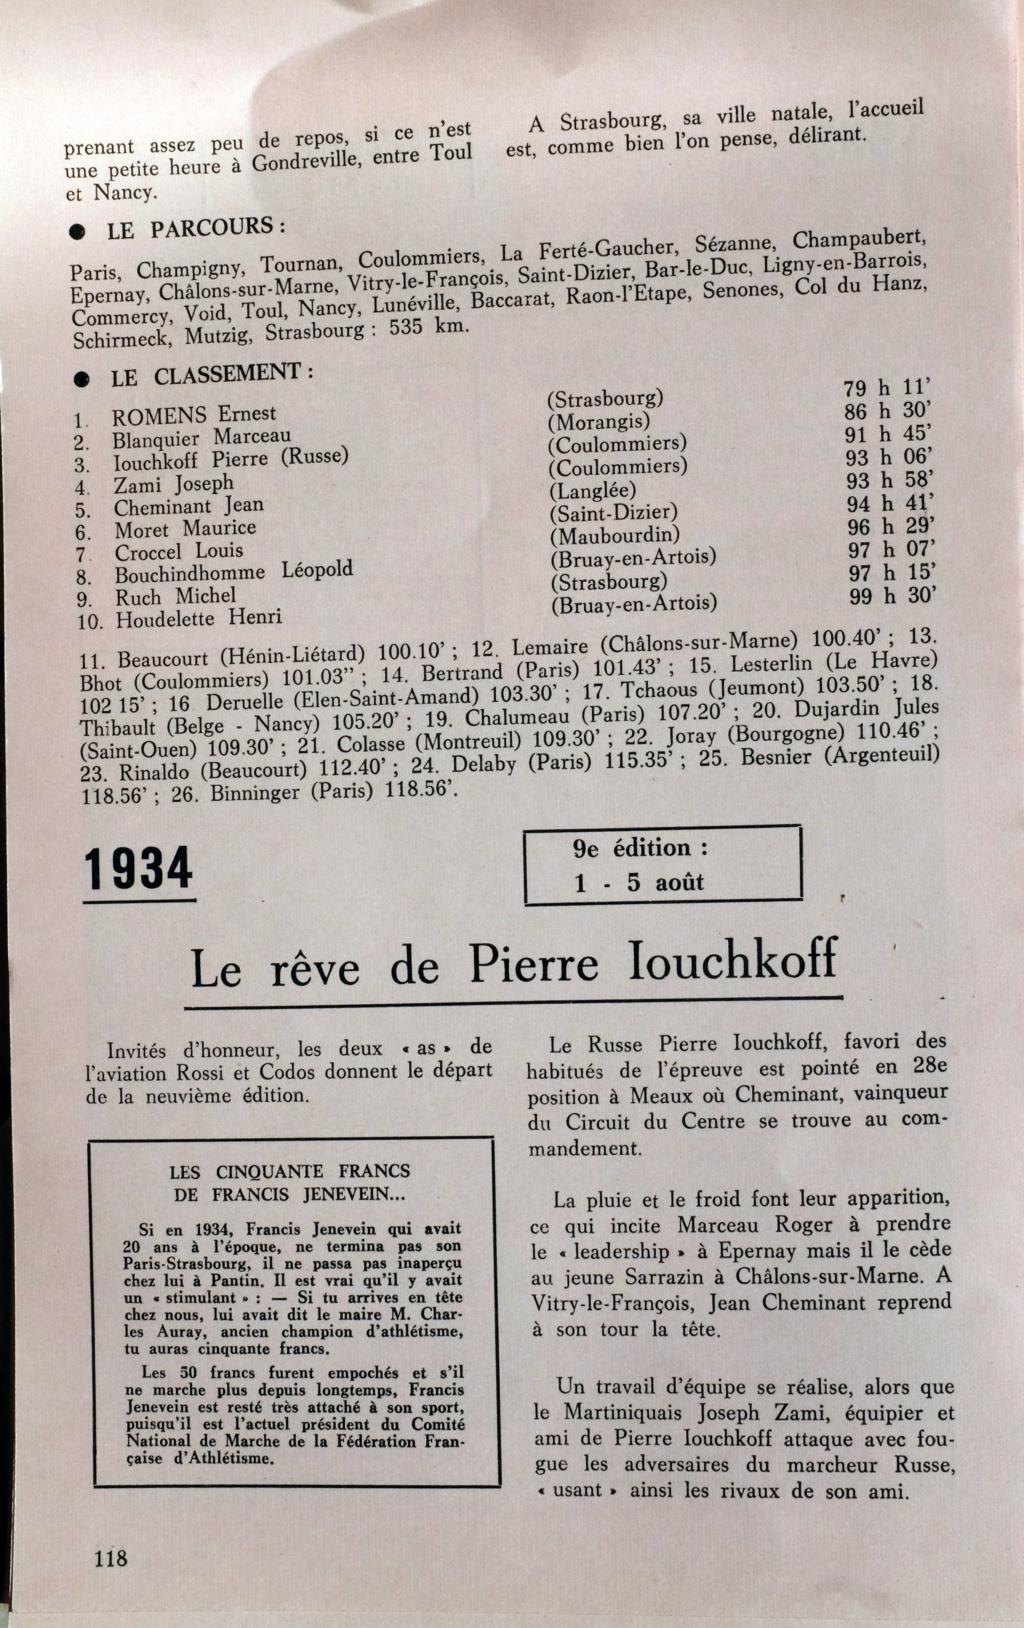 Paris-Strasbourg l'épopée de La Marche Hector MAHAU Dscf1140